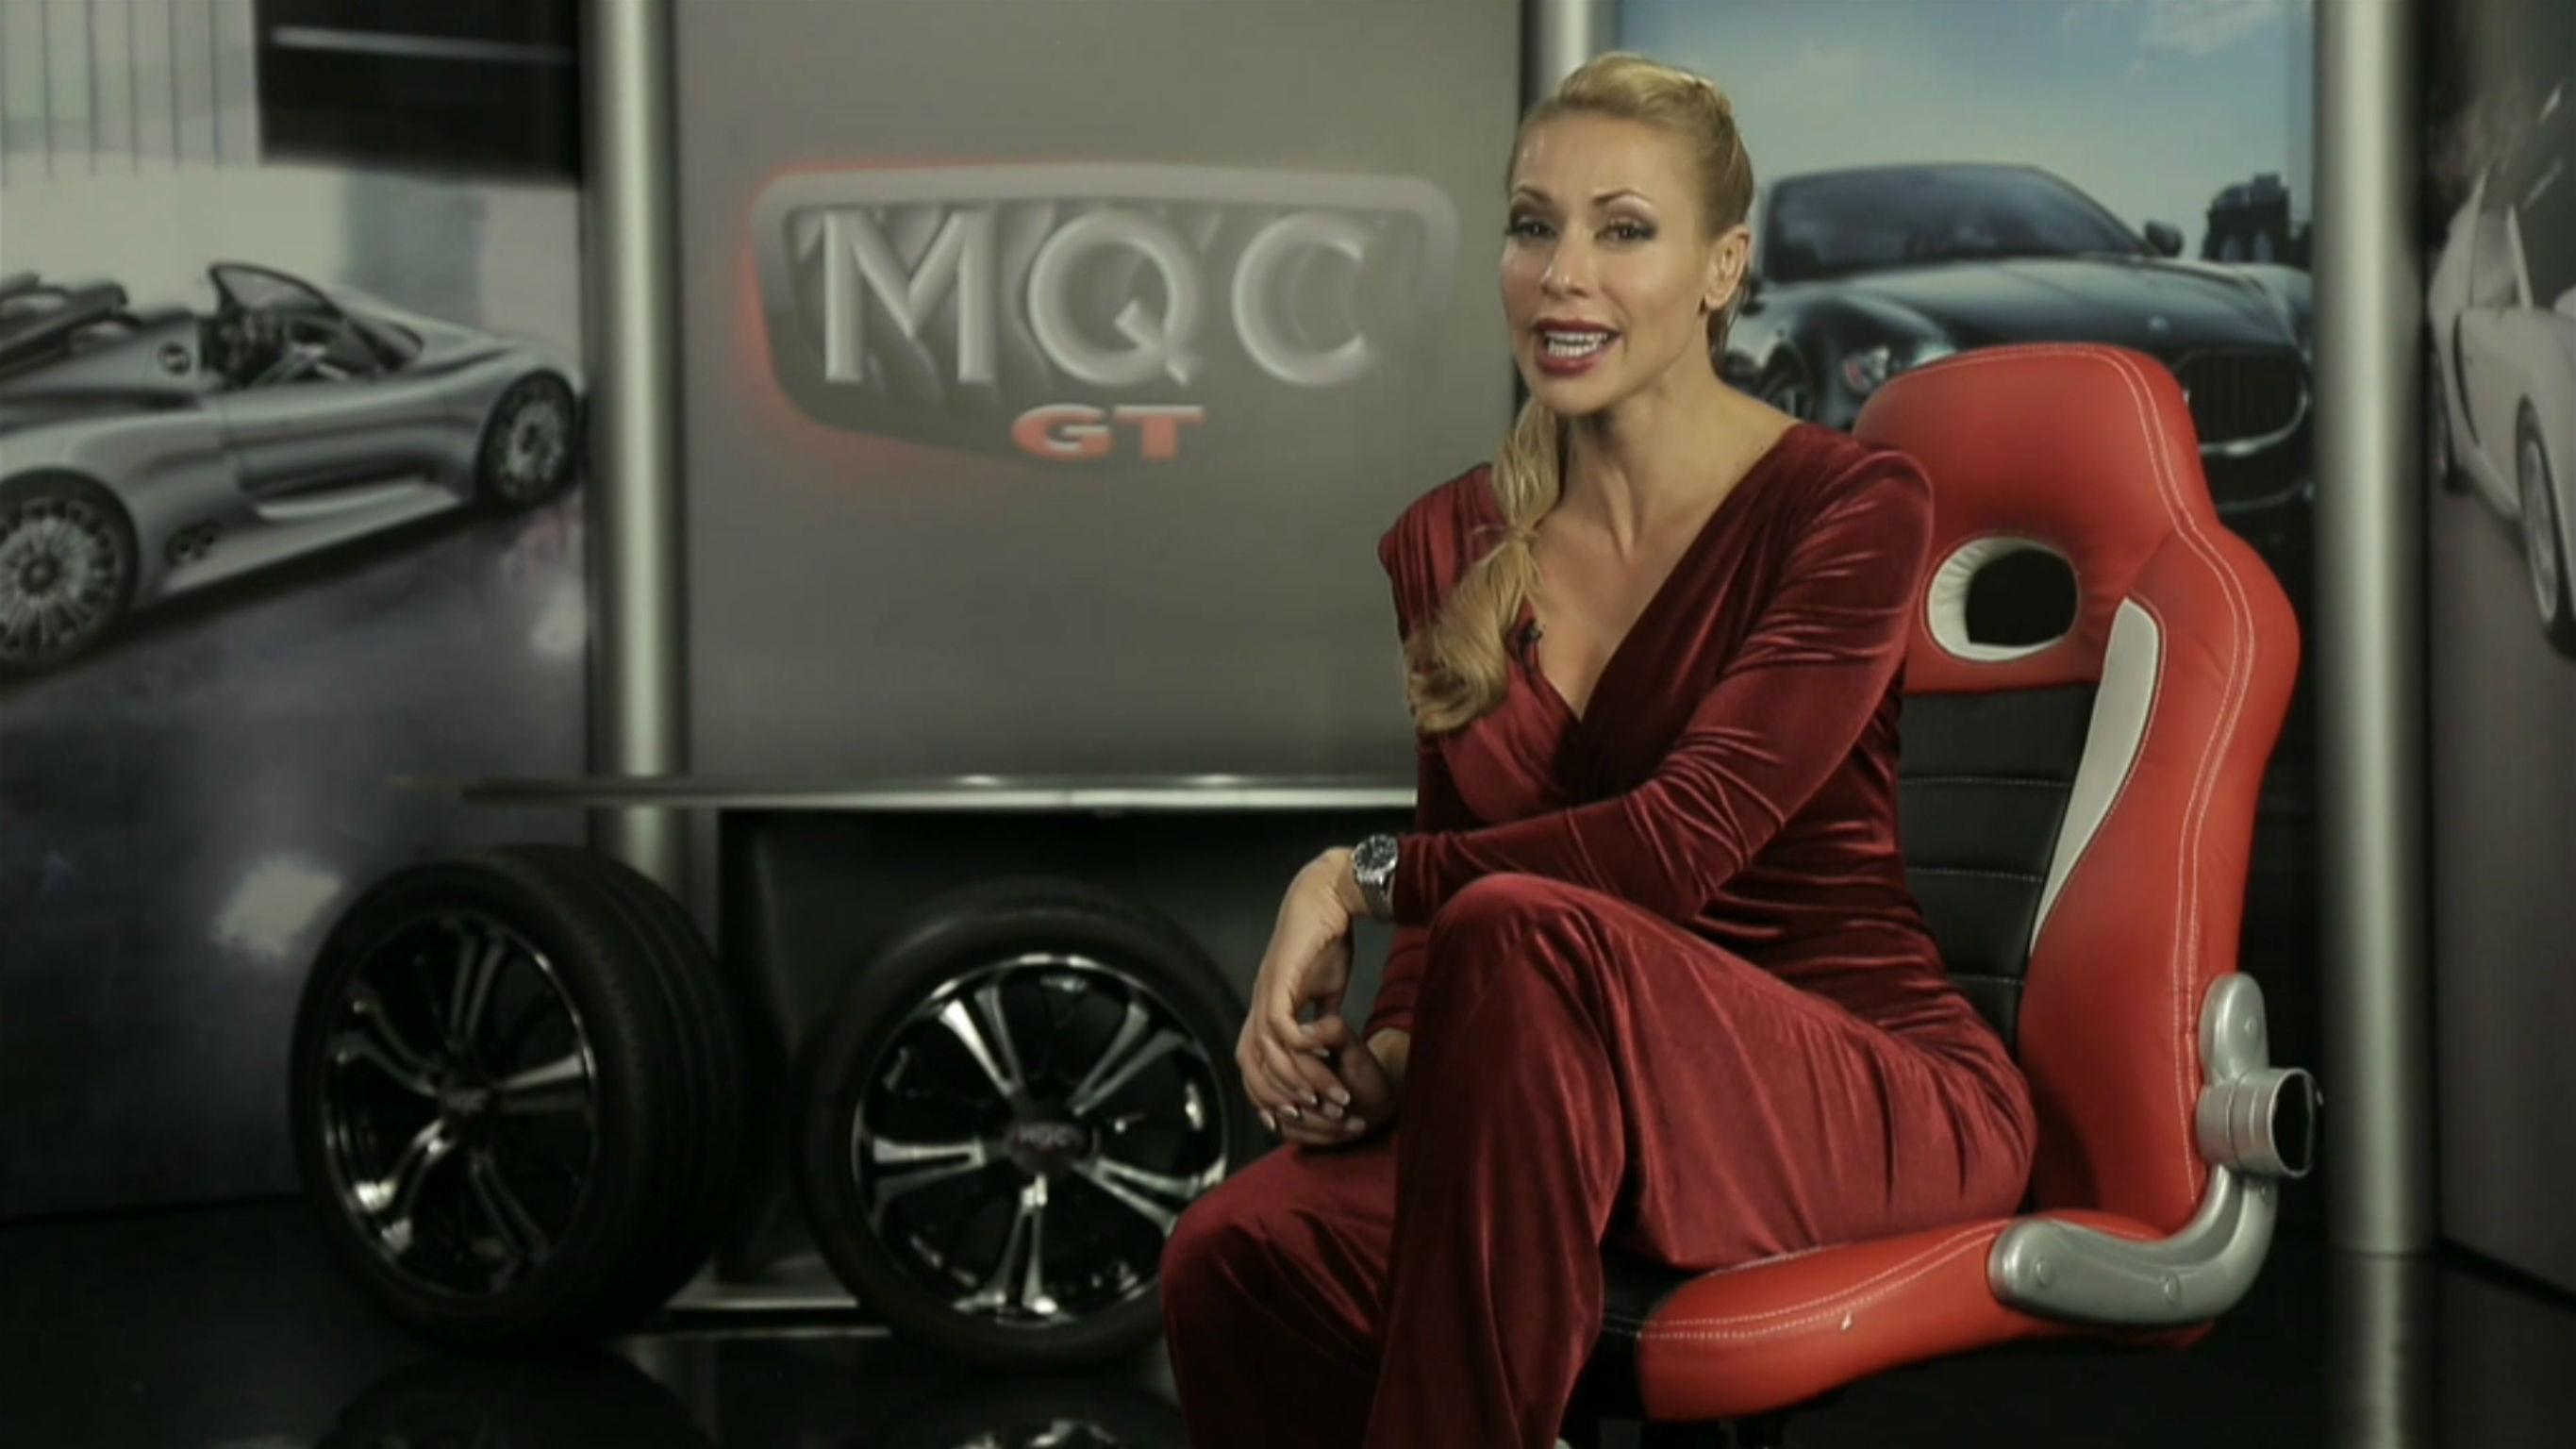 Temporada 2016 Programa 411 - Los mejores coches de la historia de MQC GT